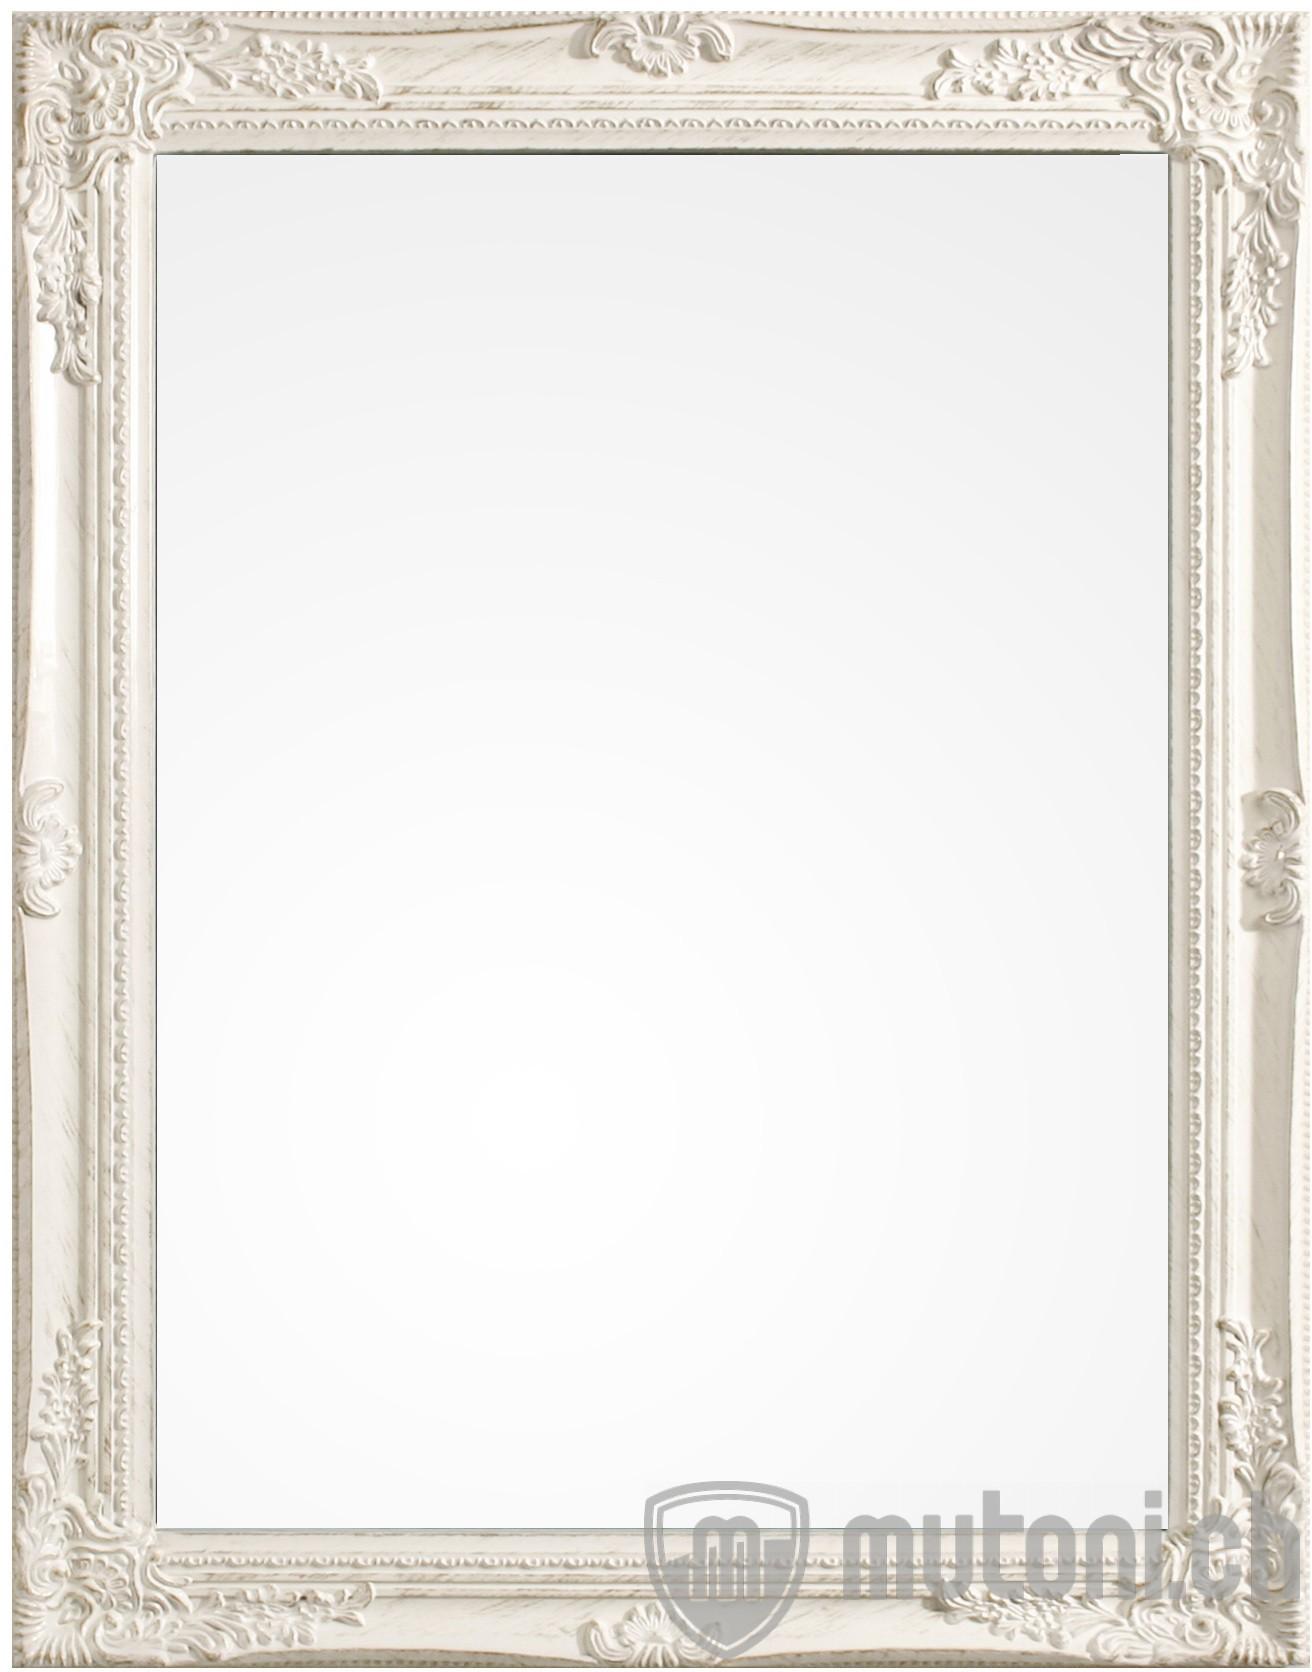 spiegel miro mit rahmen weiss 62x82 wandspiegel spiegel accessoires mutoni m bel. Black Bedroom Furniture Sets. Home Design Ideas